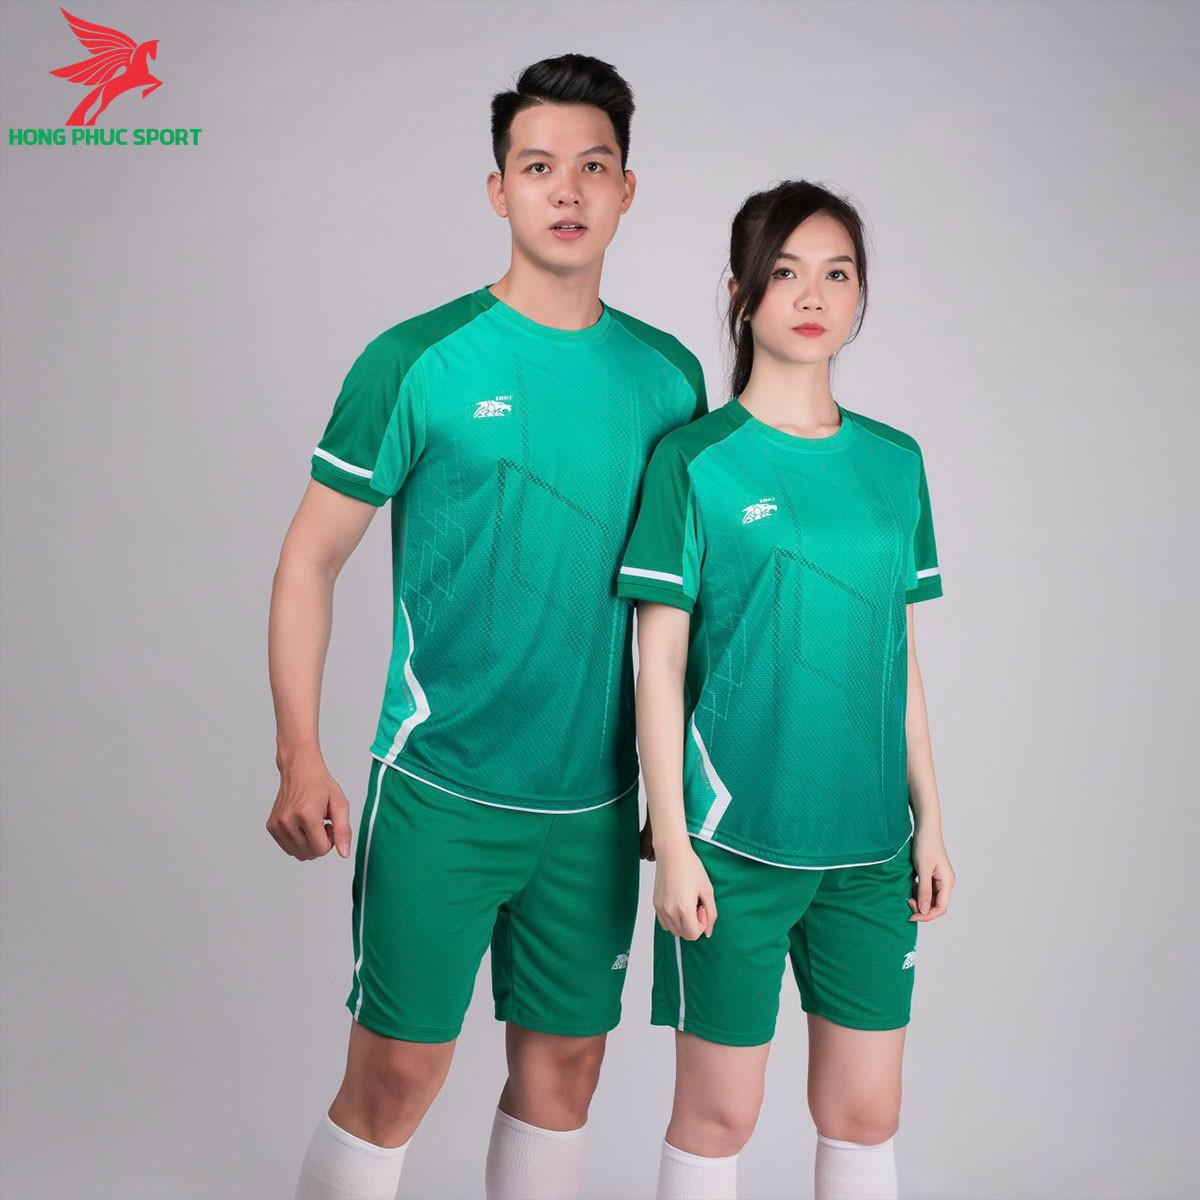 áo bóng đá không logo Riki Airmaxx Ngọc rêu